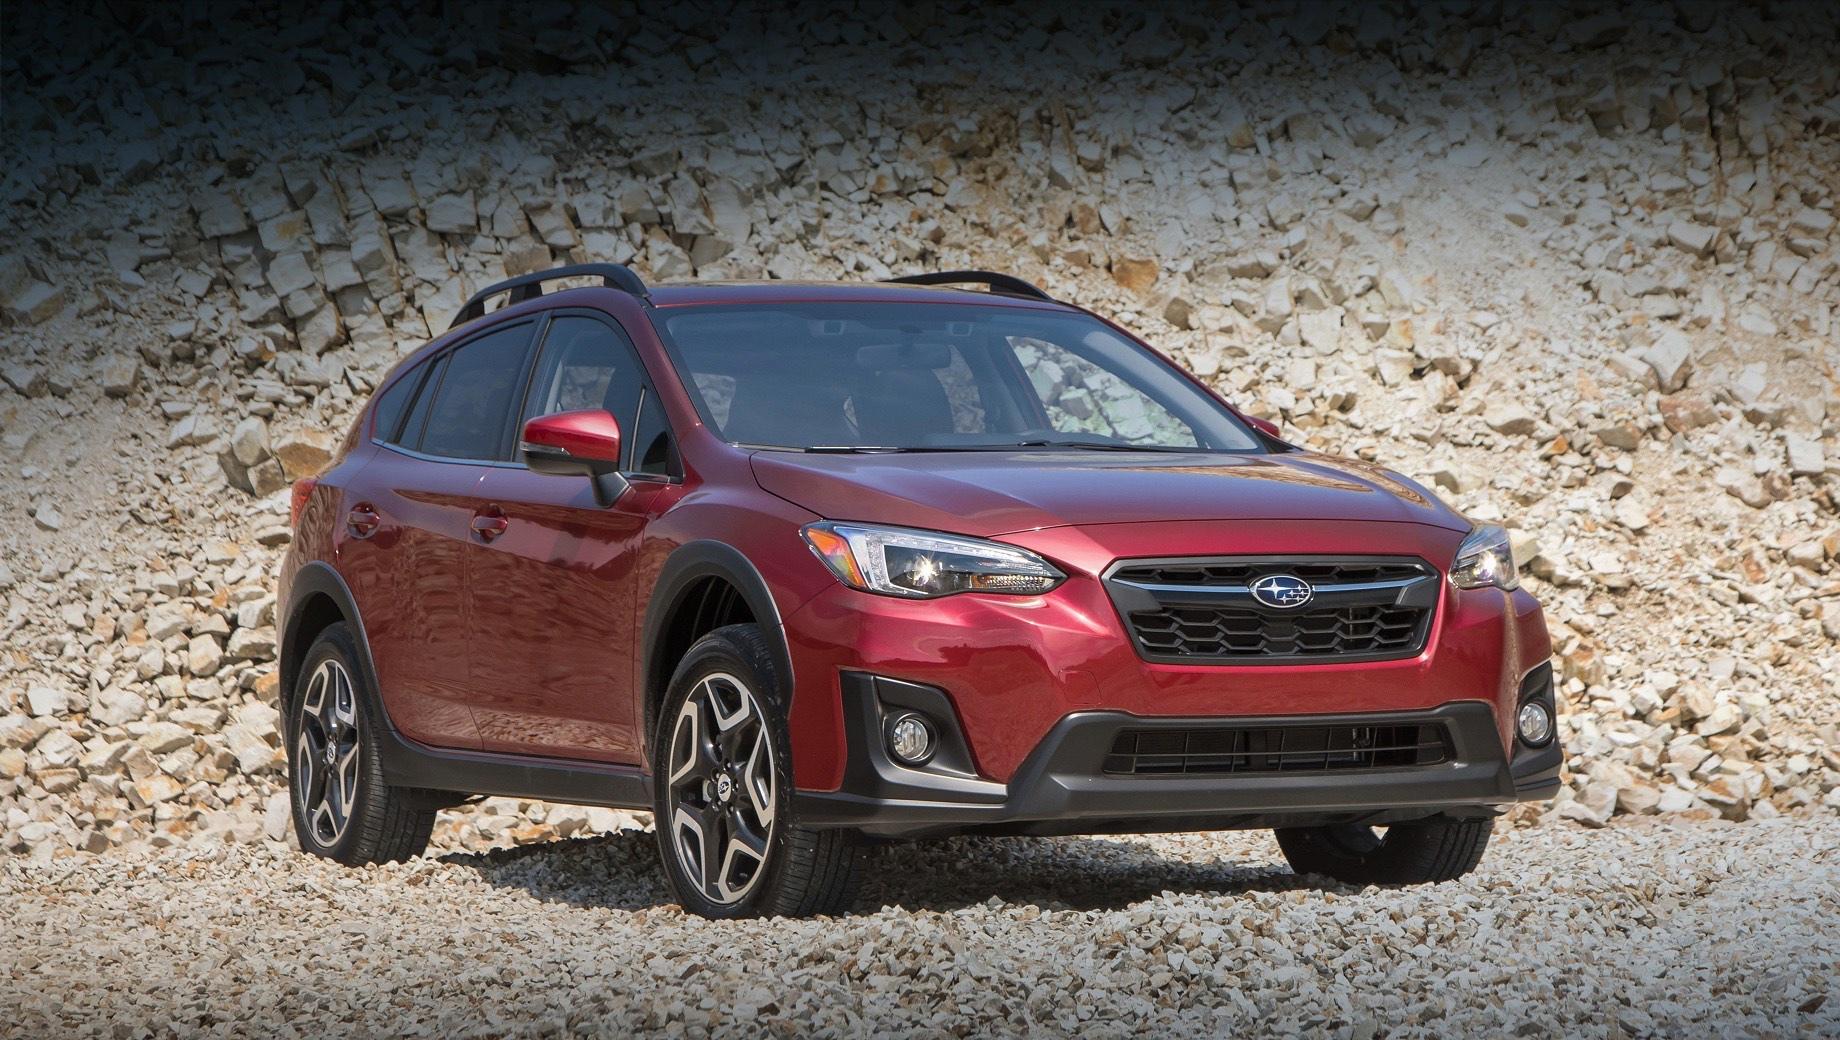 Subaru impreza,Subaru crosstrek,Subaru crosstrek hybrid,Subaru forester. Модель Crosstrek — третья по популярности Subaru в Штатах. В 2020-м пятидверка нашла 119 716 покупателей, пропустив вперёд кроссовер Forester (176 996) и универсал Outback (153 294).